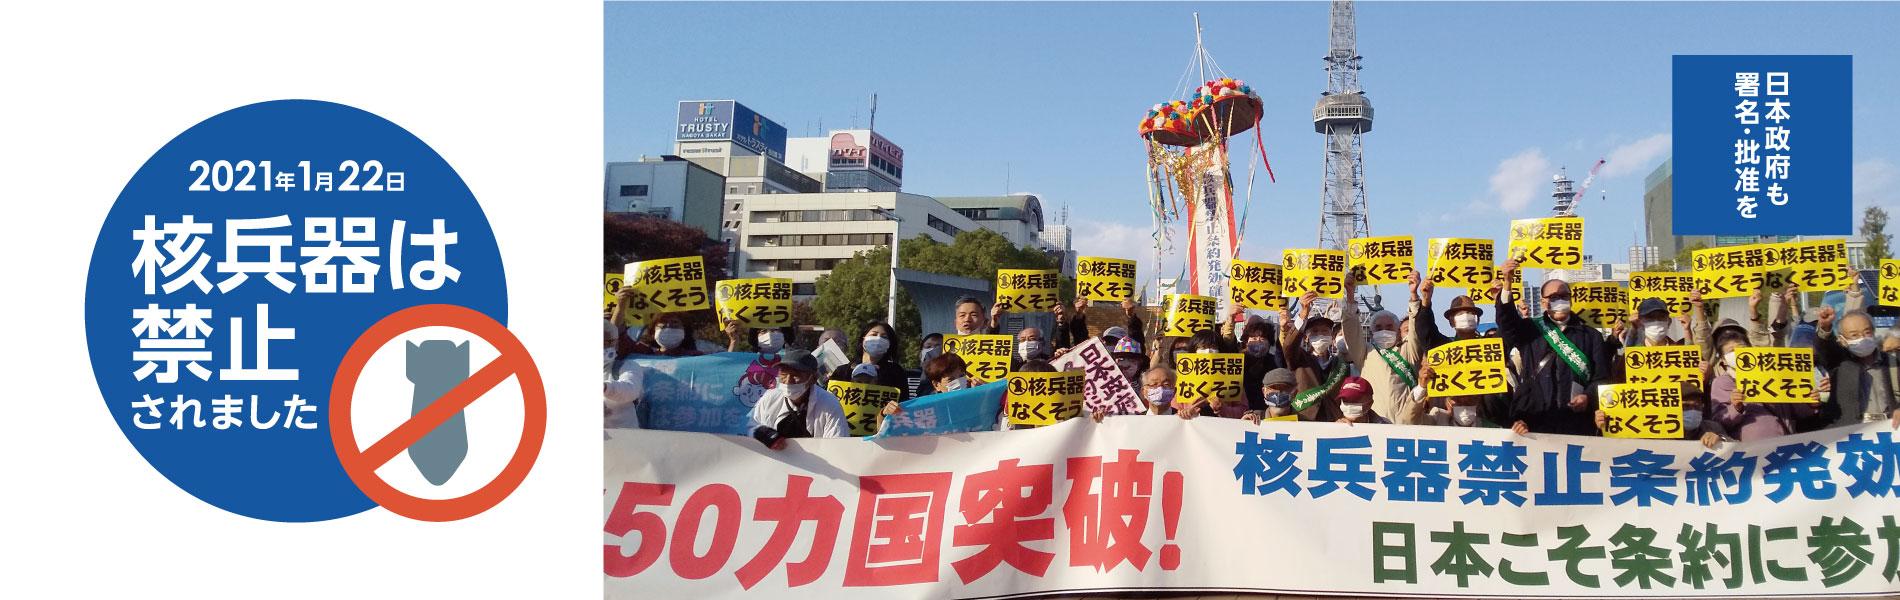 唯一の戦争被爆国 日本政府は核兵器禁止条約に署名・批准してください!